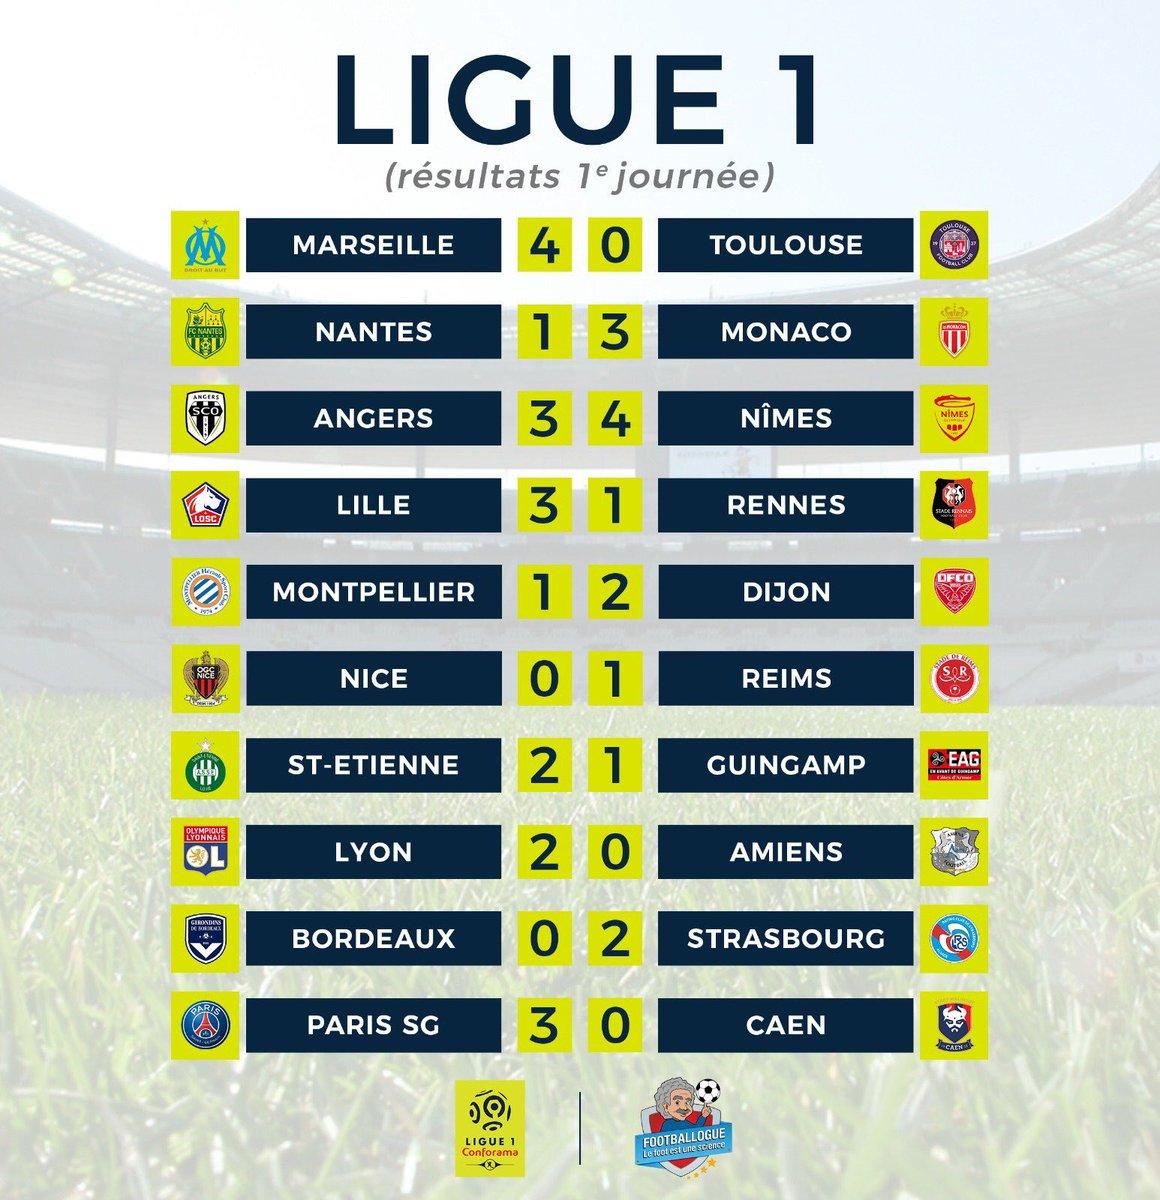 جدول ترتيب الدوري الفرنسي بعد نهاية مباريات الجولة الأولى